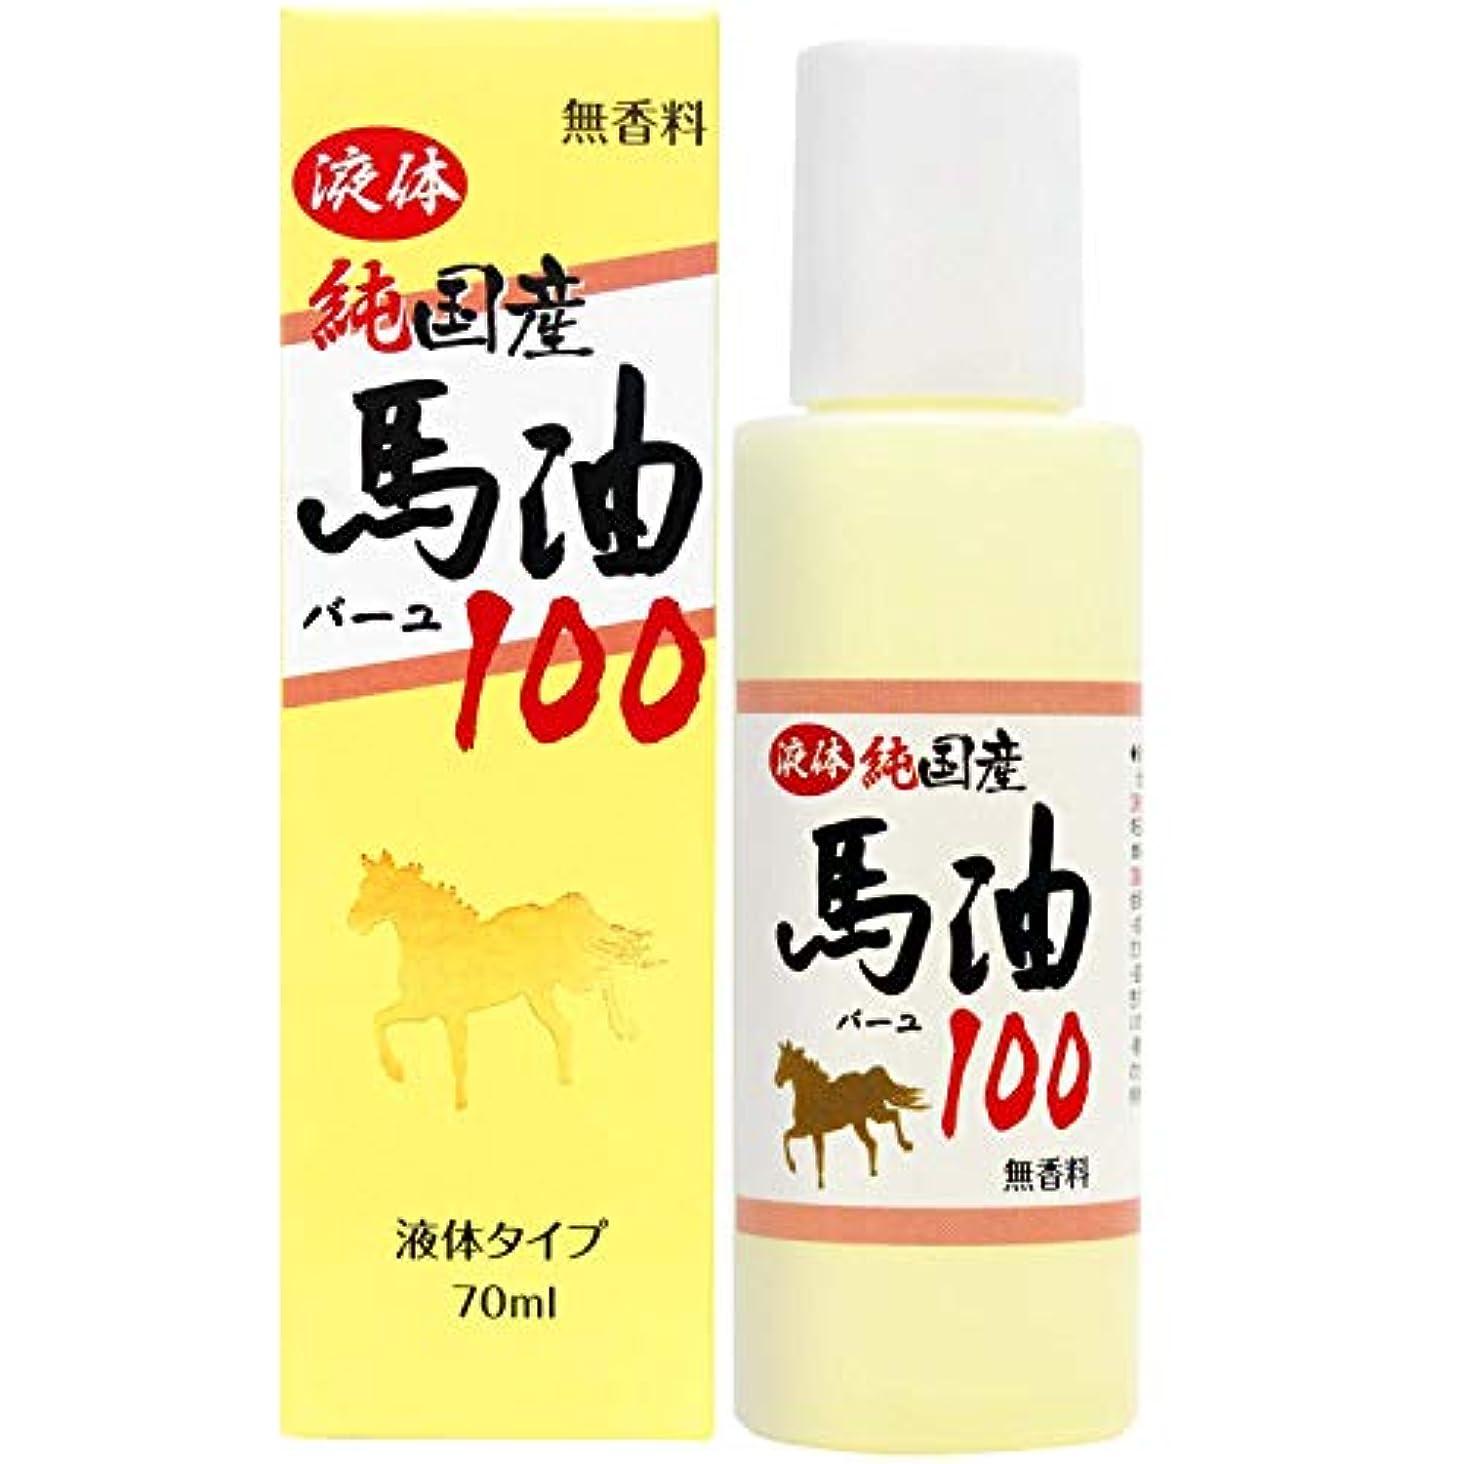 レンズスイ富豪ユウキ製薬 液体純国産馬油100 70ml